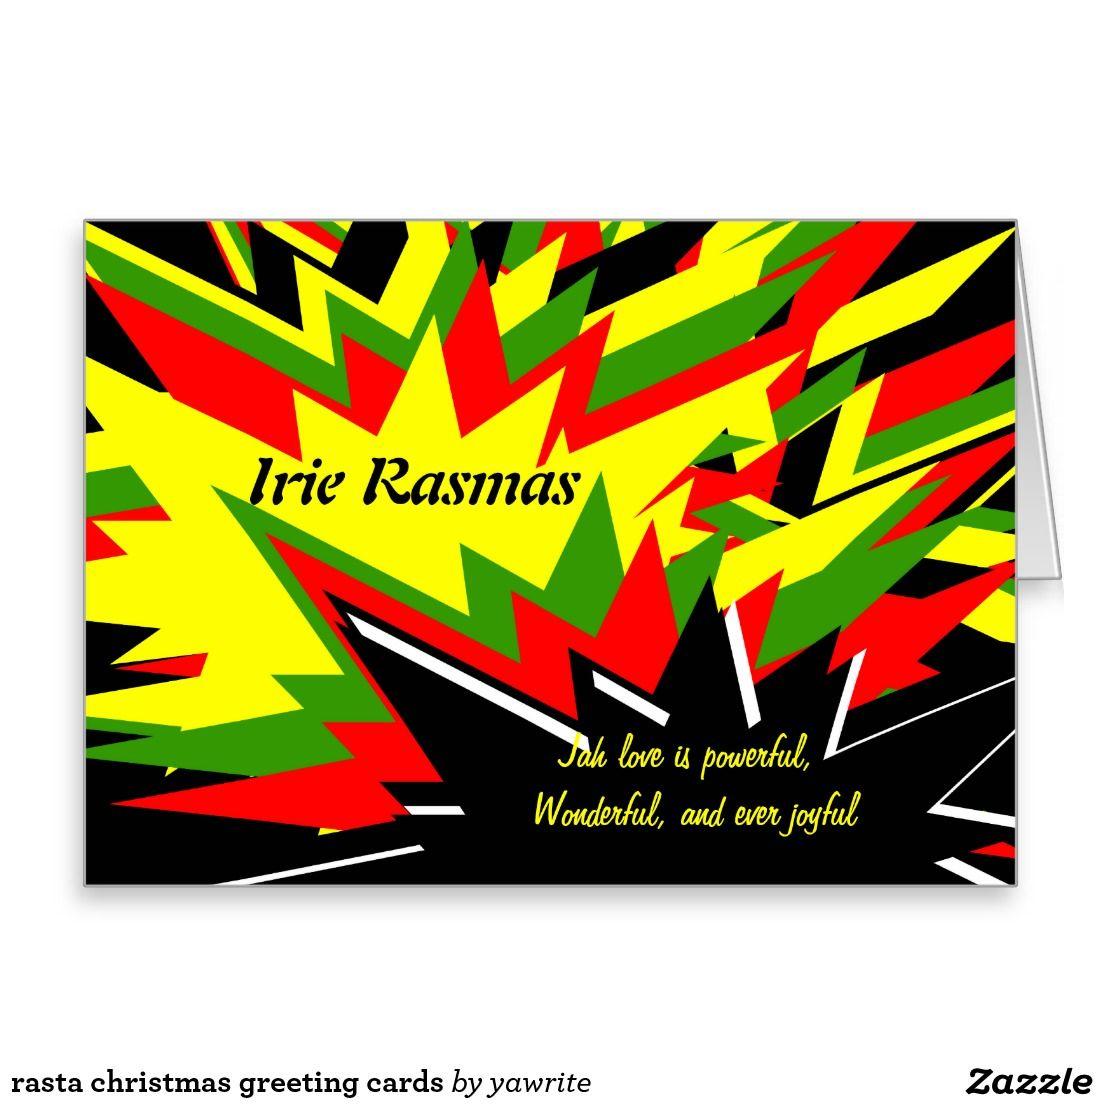 Rasta christmas greeting cards christmas gifts pinterest rasta christmas greeting cards m4hsunfo